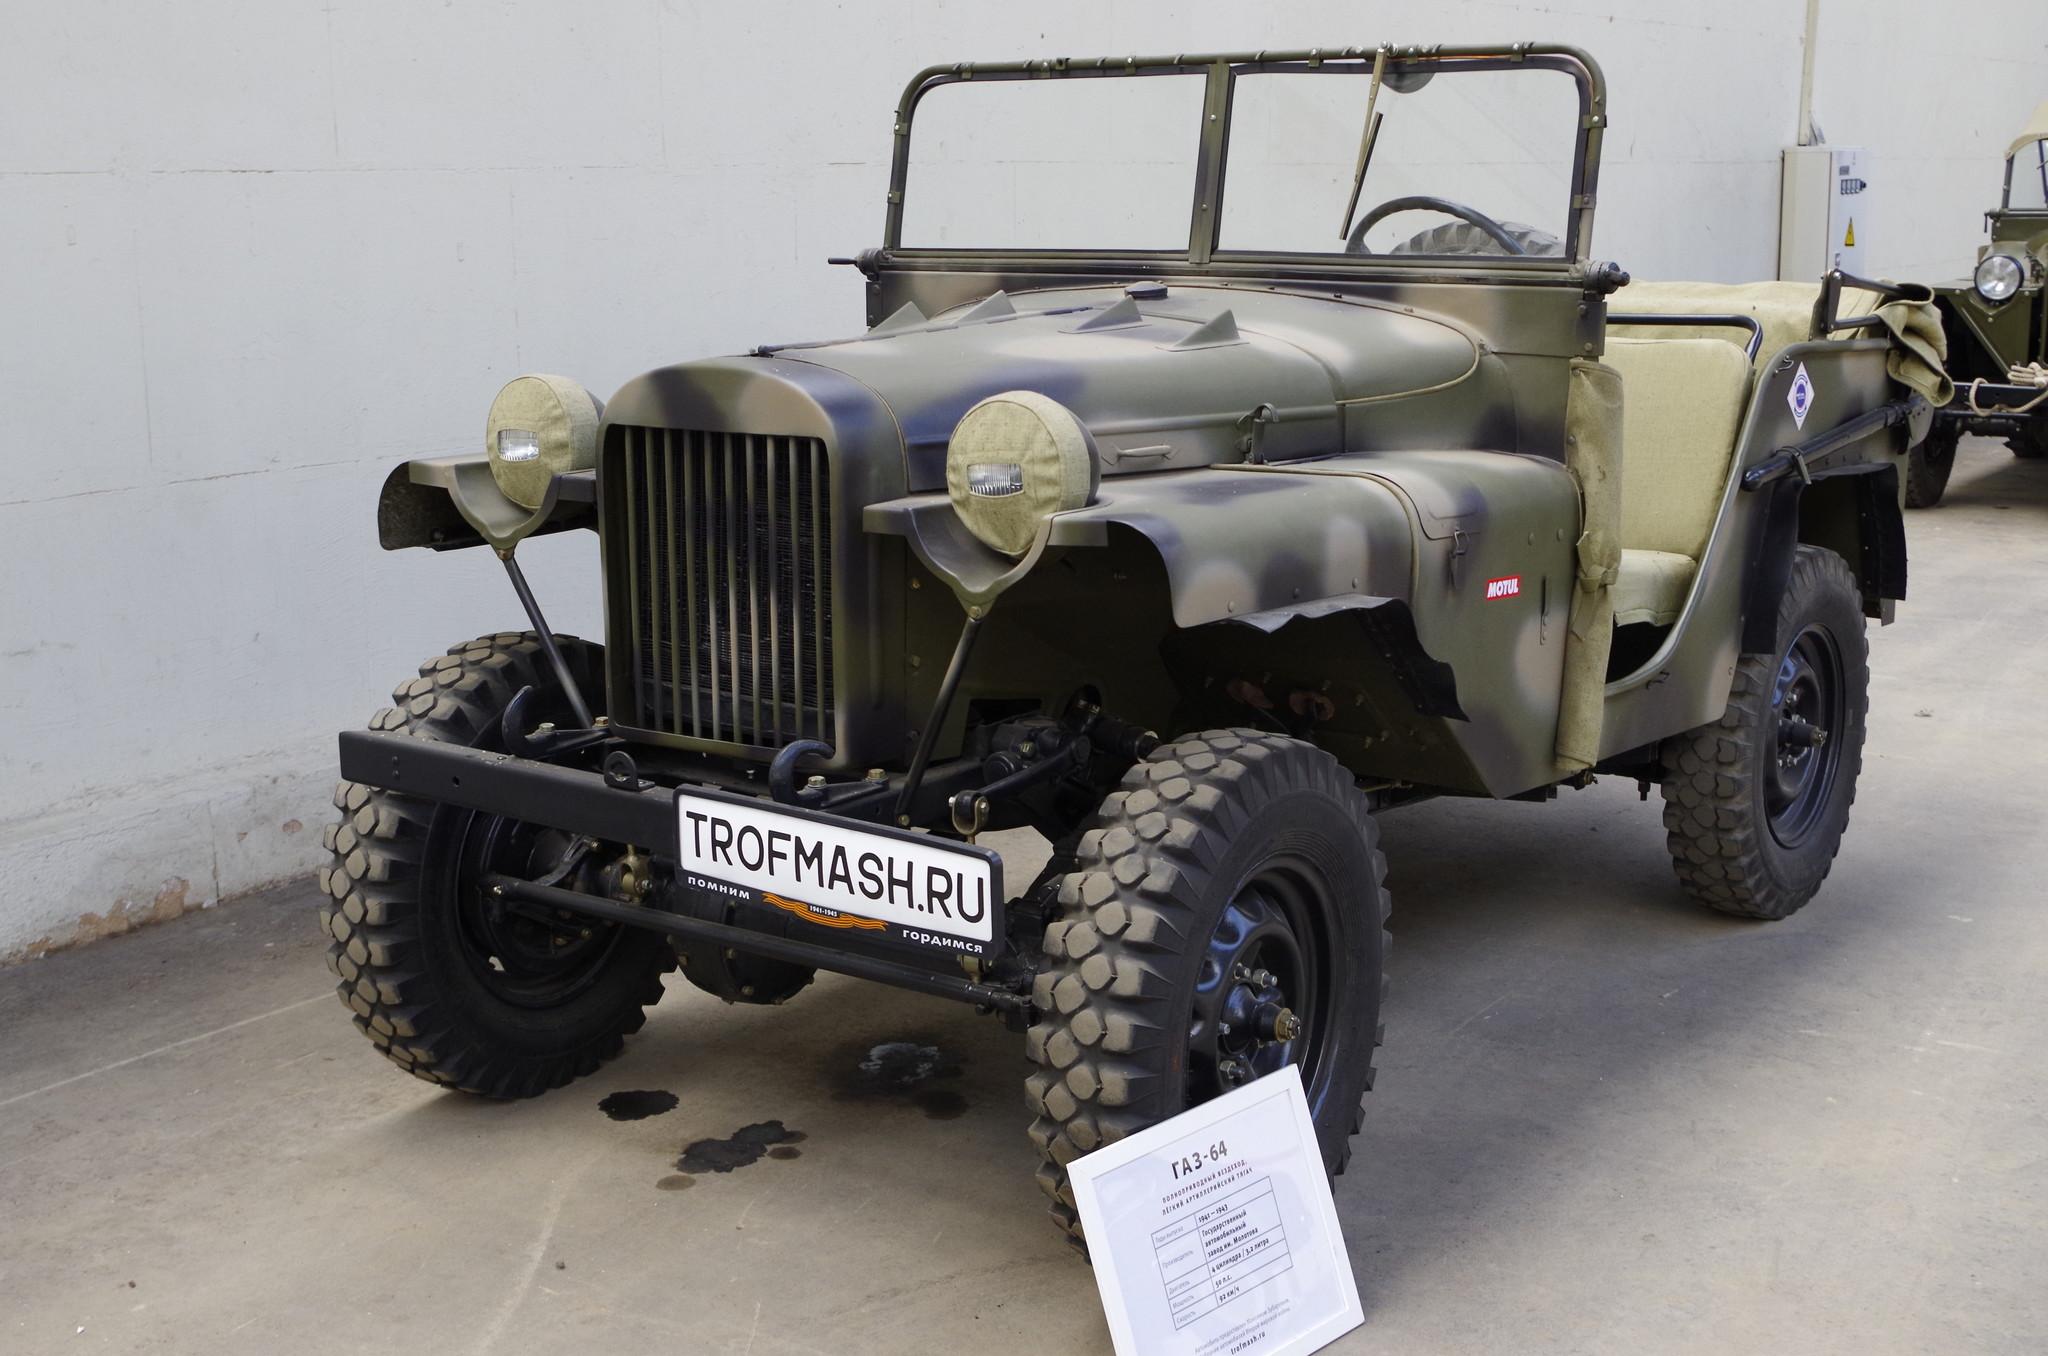 Армейский полноприводный автомобиль ГАЗ-64, считающийся первым советским серийным внедорожником